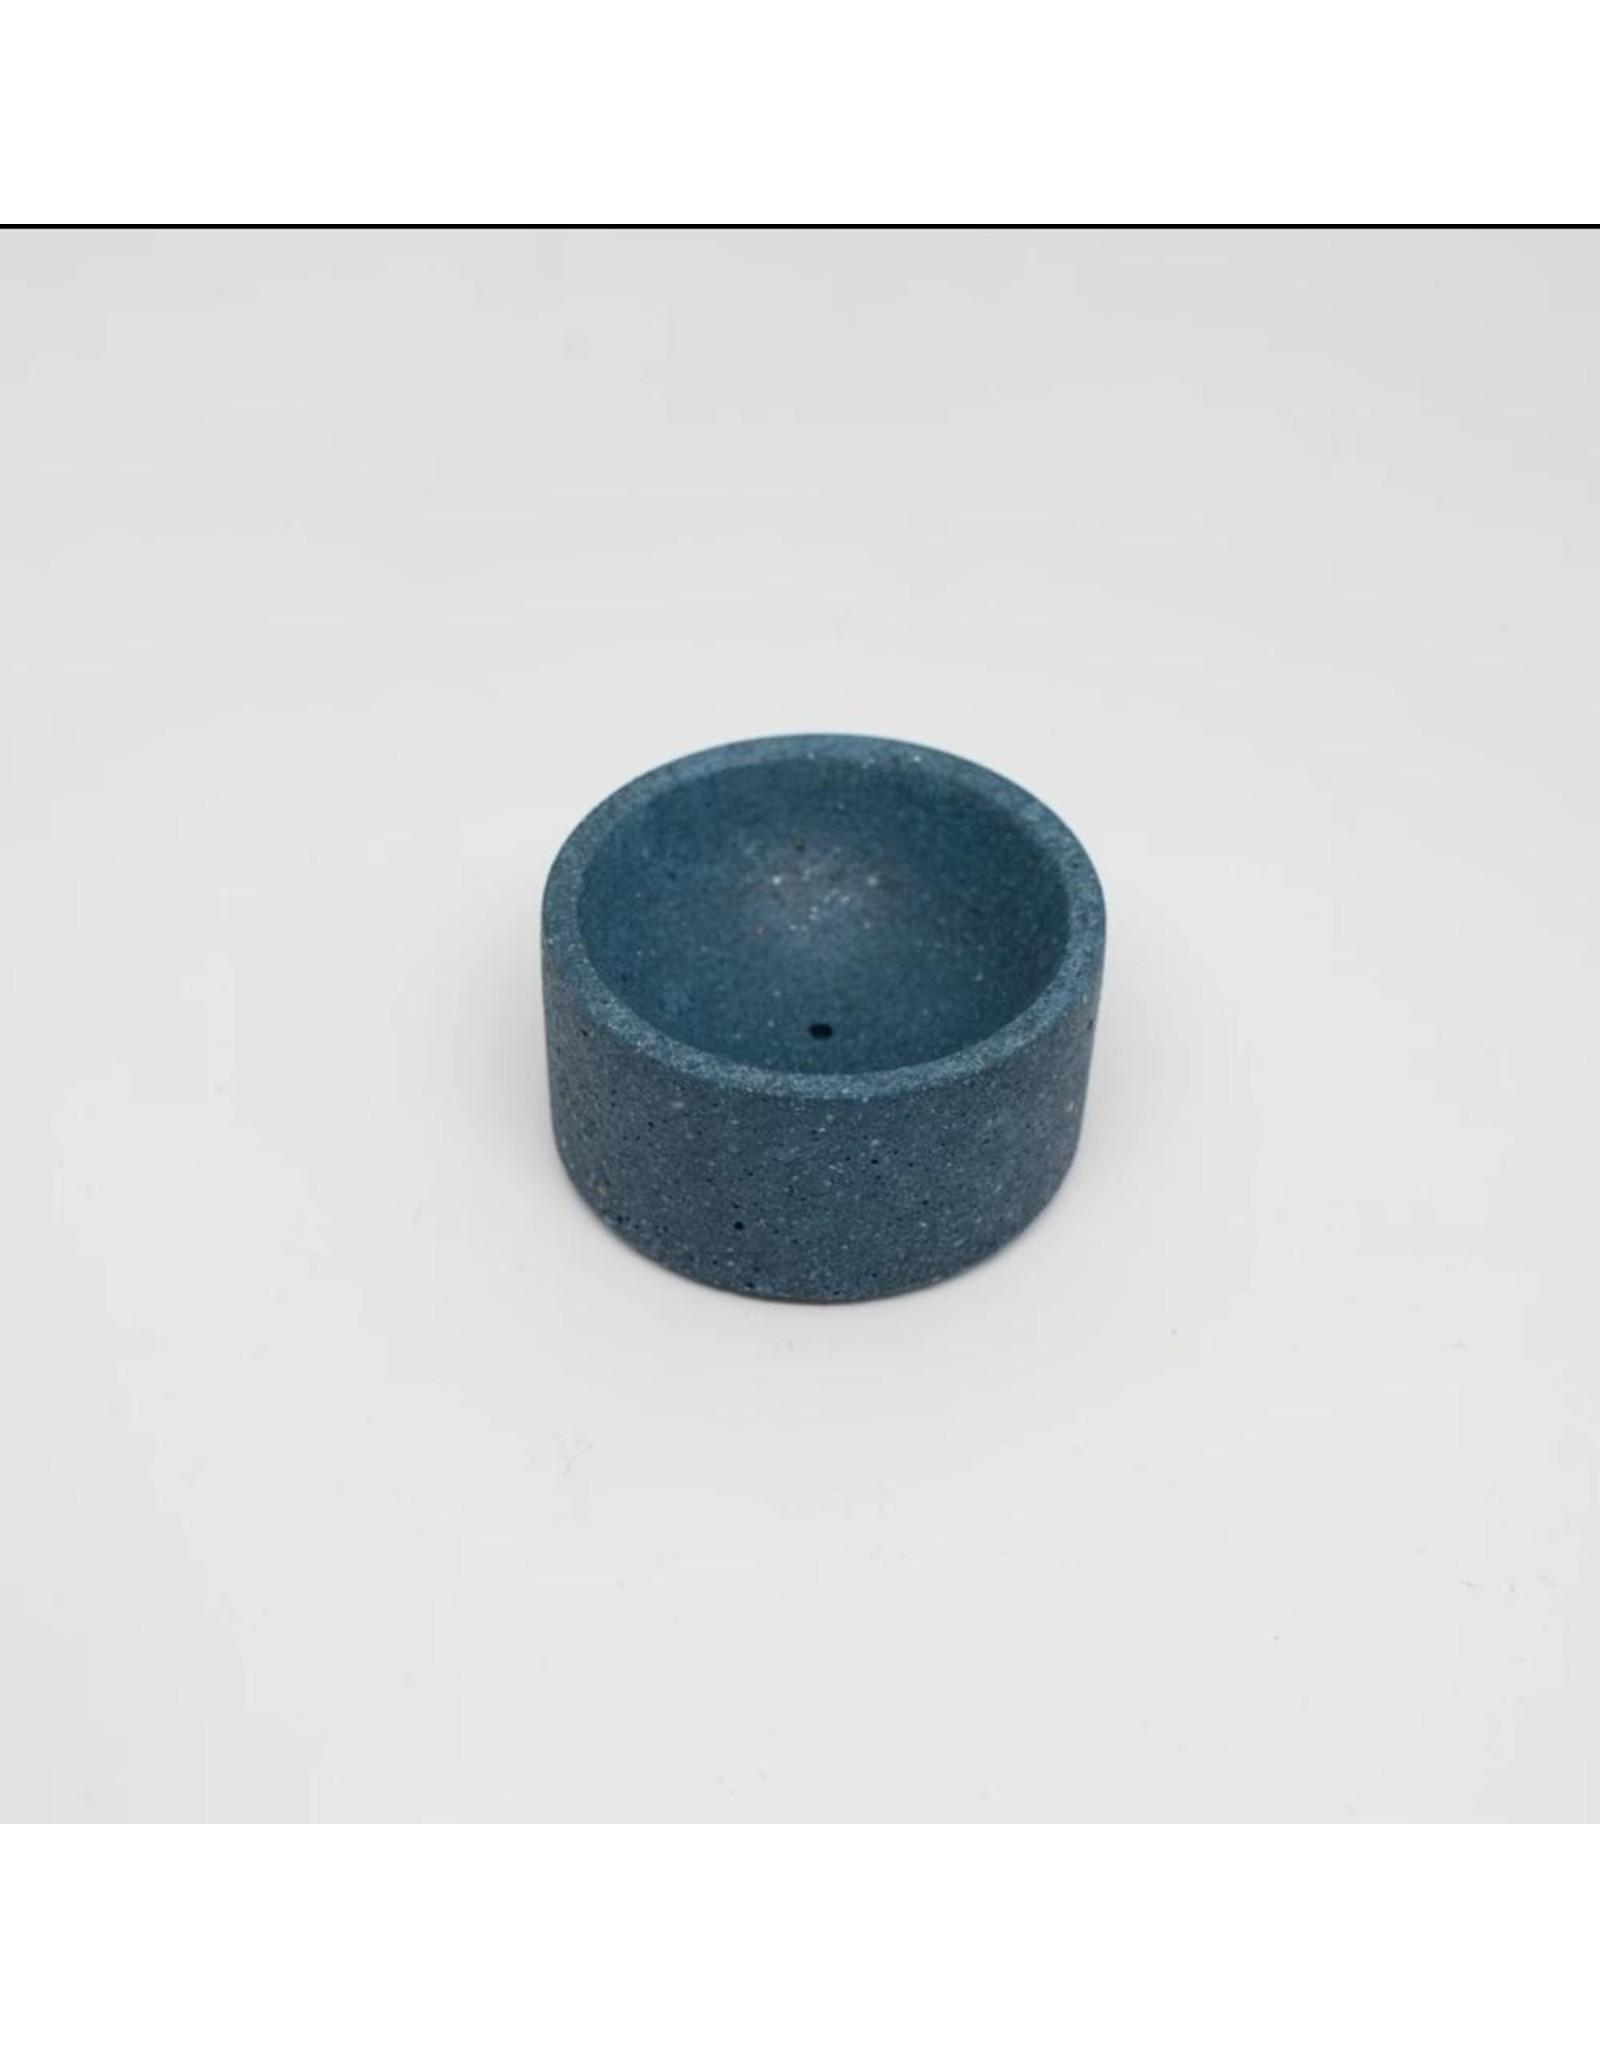 pretti.cool Terrazzo Incense Holder - Cobalt